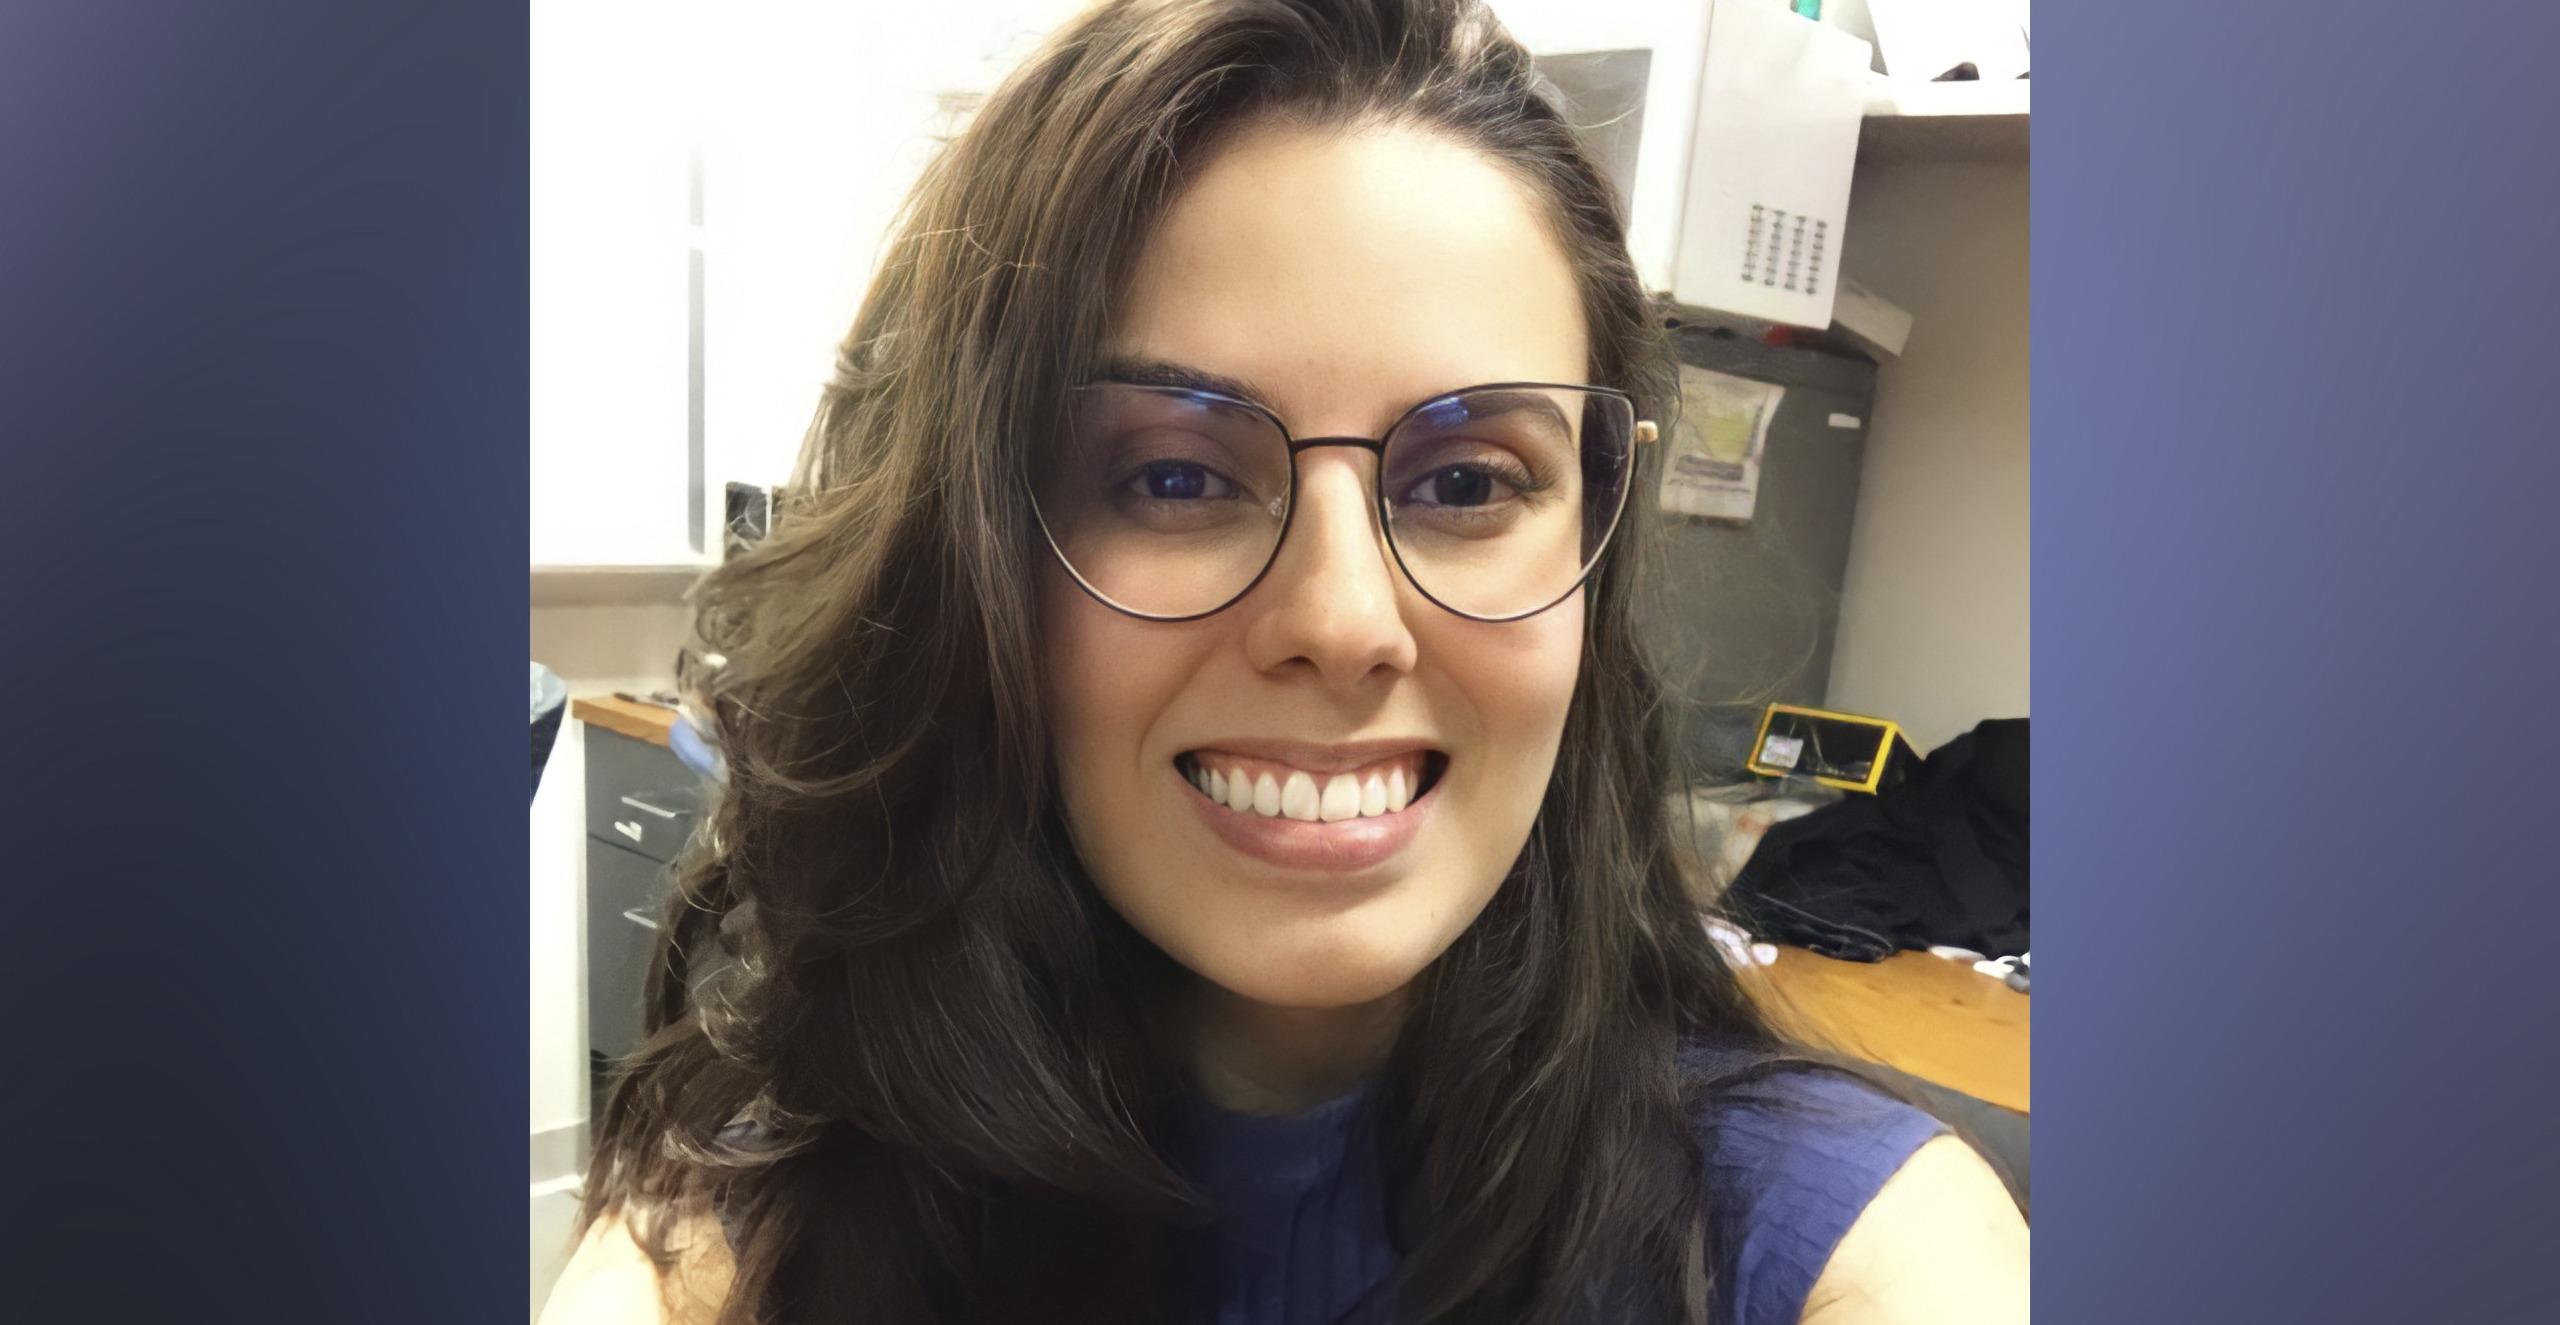 Tássia Venga Mendes